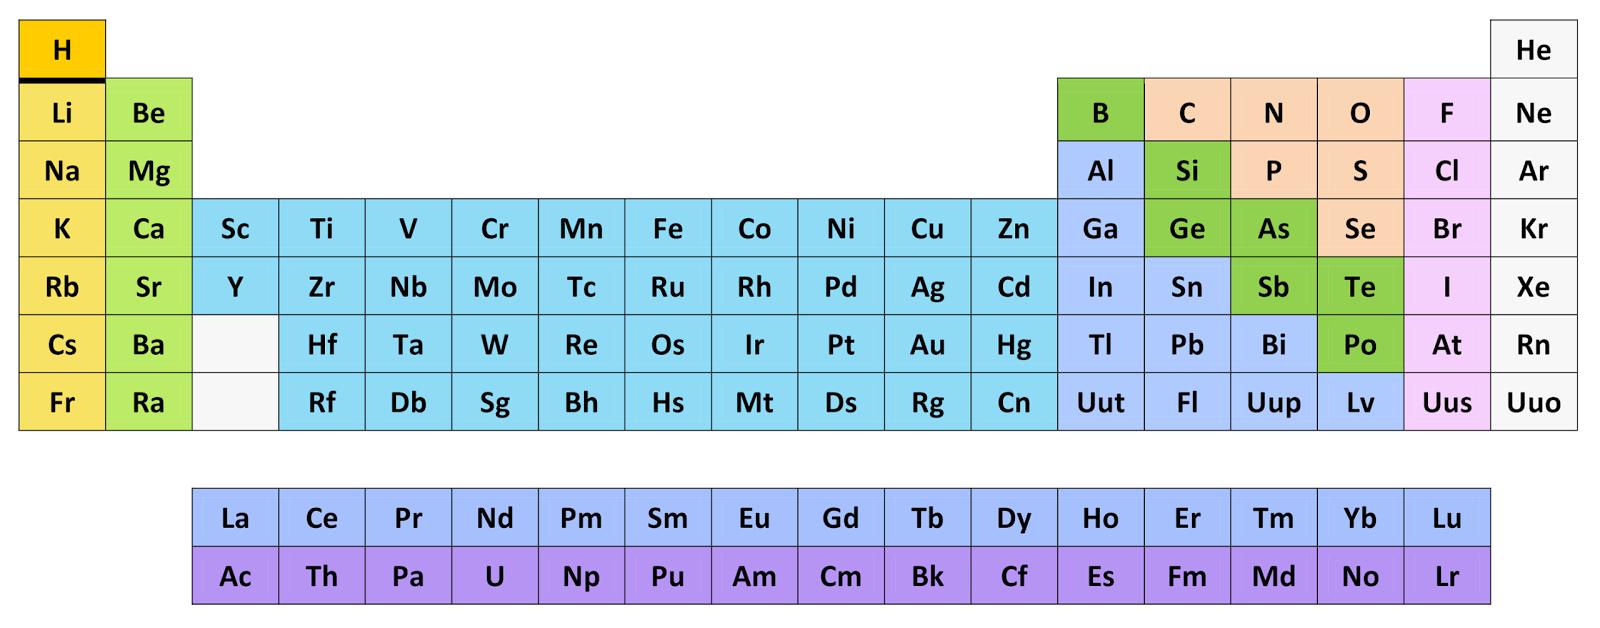 Tabla periodica de los elementos excel gallery periodic table and tabla periodica hecha en excel image collections periodic table tabla periodica de los elementos excel images urtaz Gallery